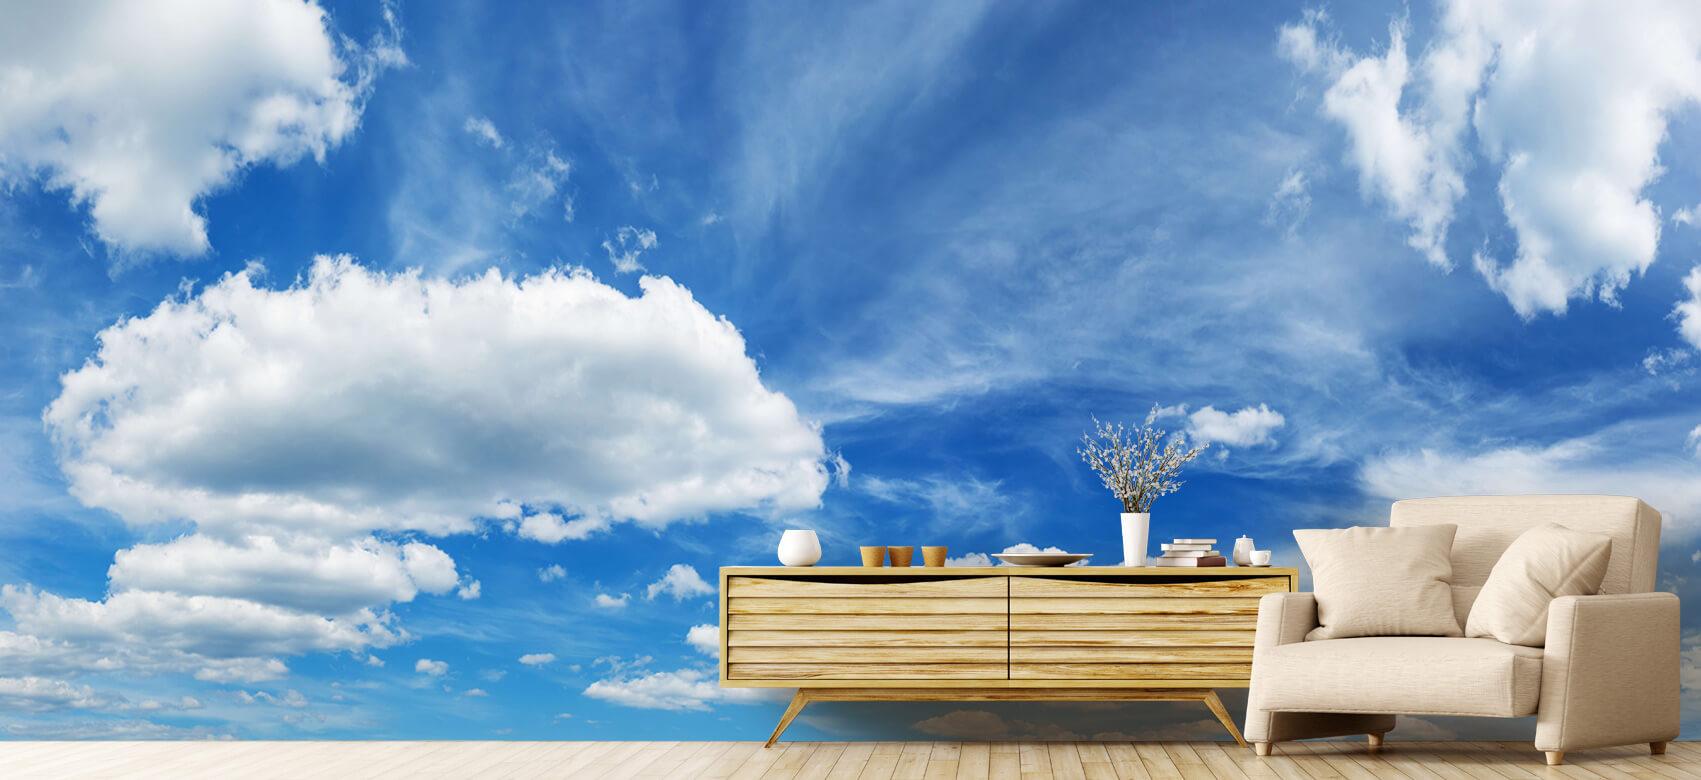 Natuur Blauwe lucht met wolken 7